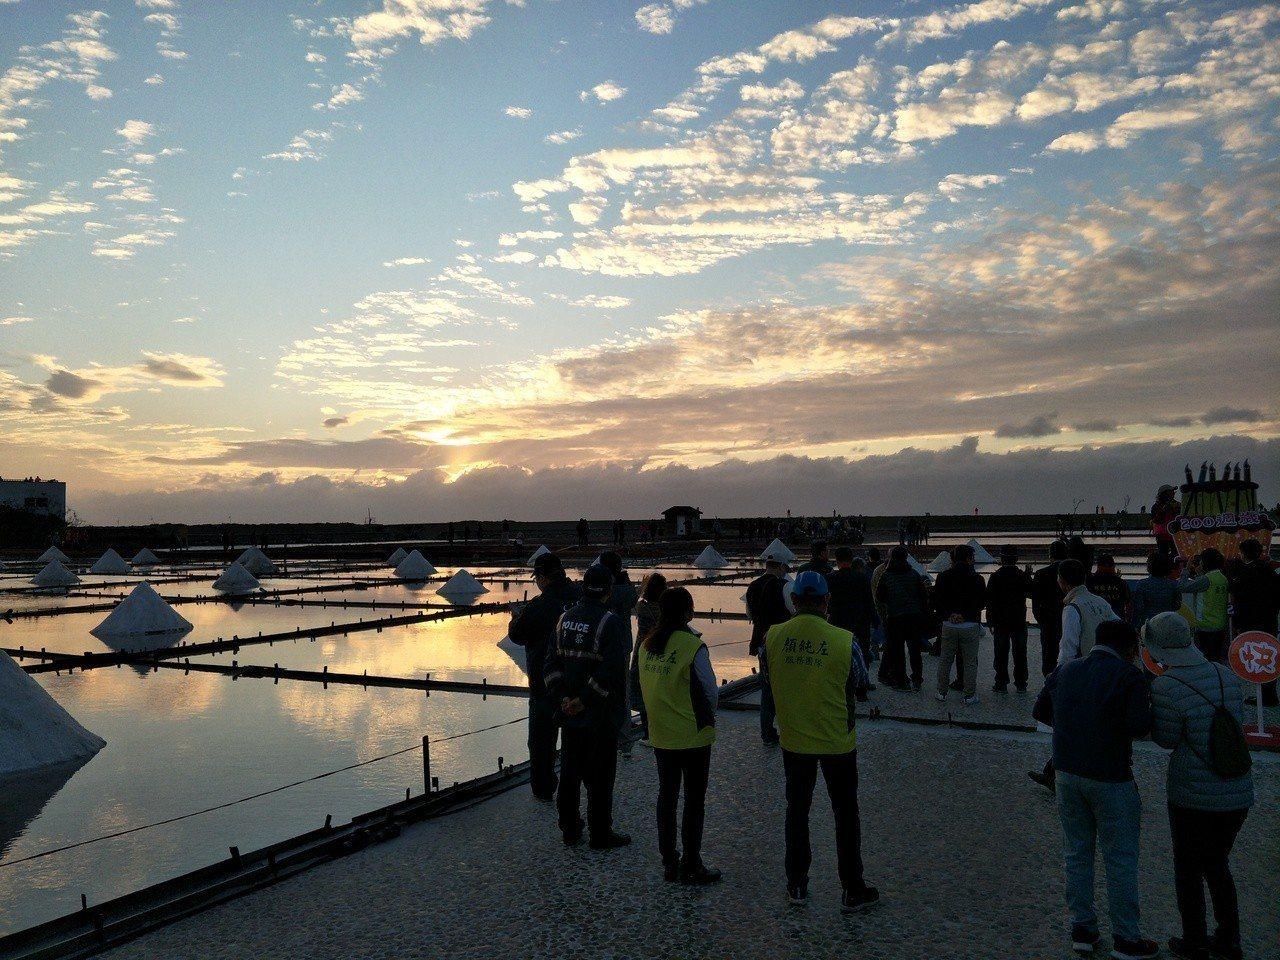 現場吸引大批遊客準備觀賞落日,可惜最後落空。記者謝進盛/攝影